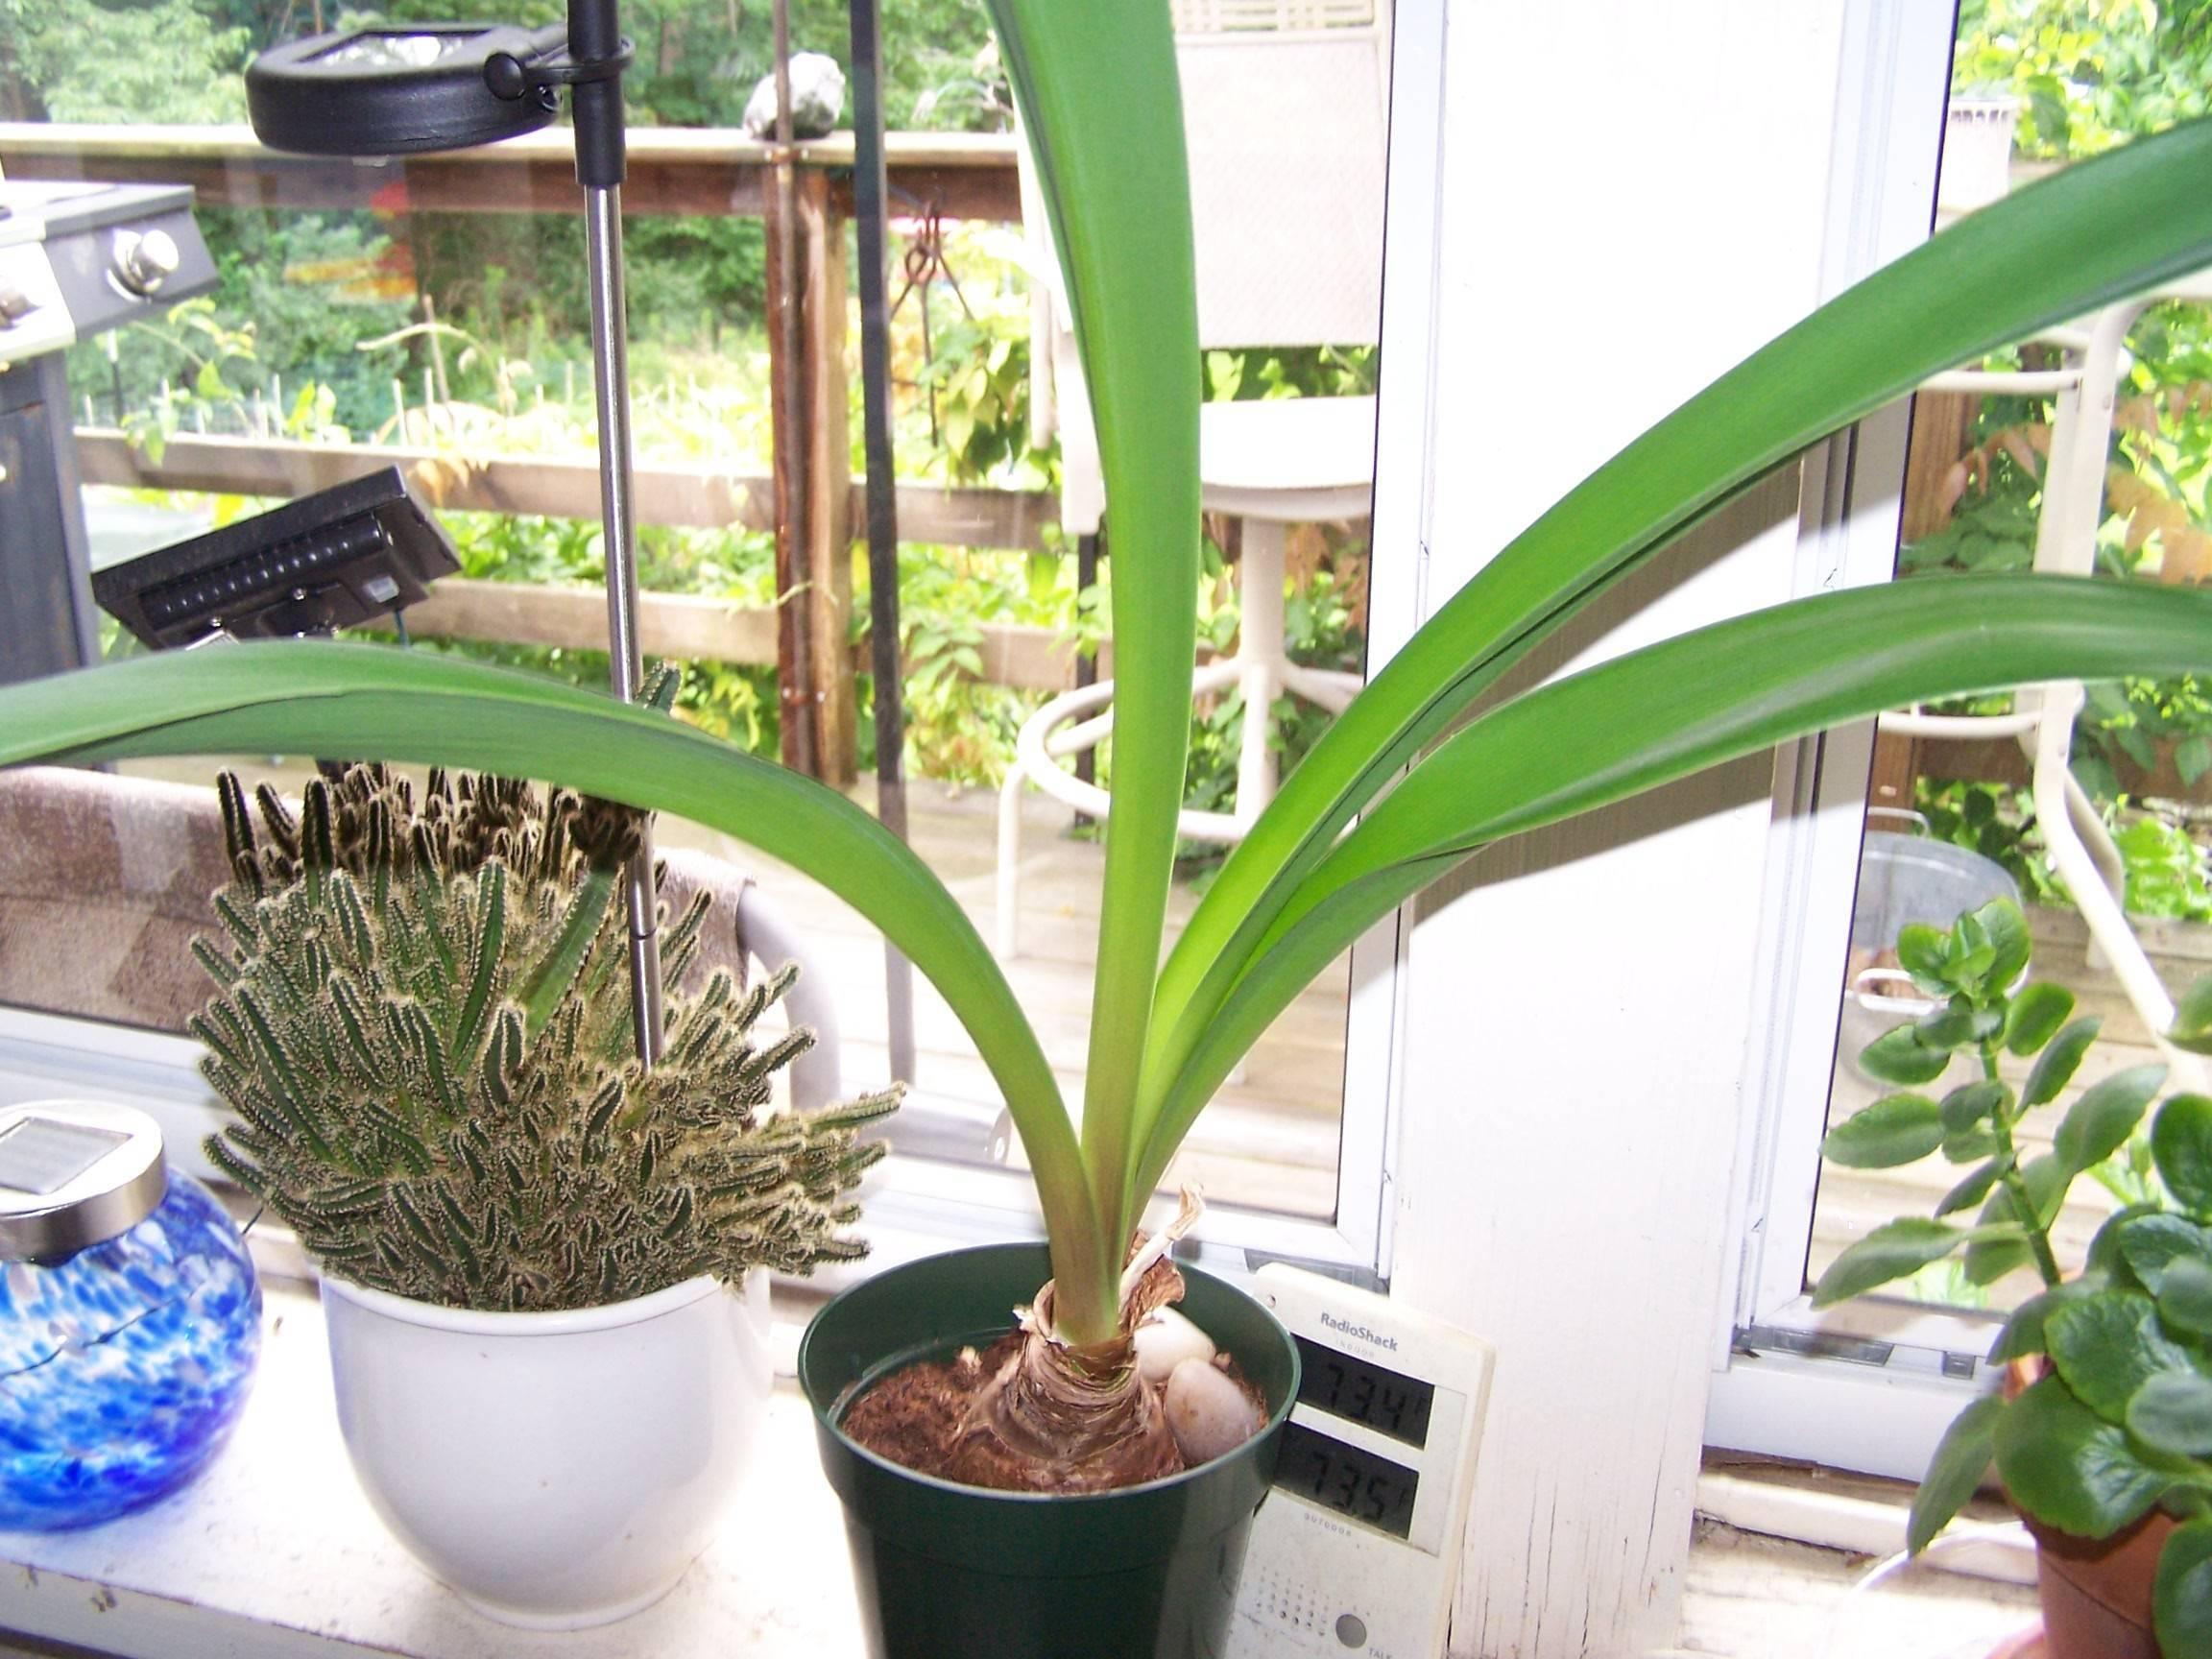 Гиппеаструм (55 фото): уход за цветком в домашних условиях. как он выглядит? как сажать комнатное растение? как подобрать грунт для гиппеаструма?